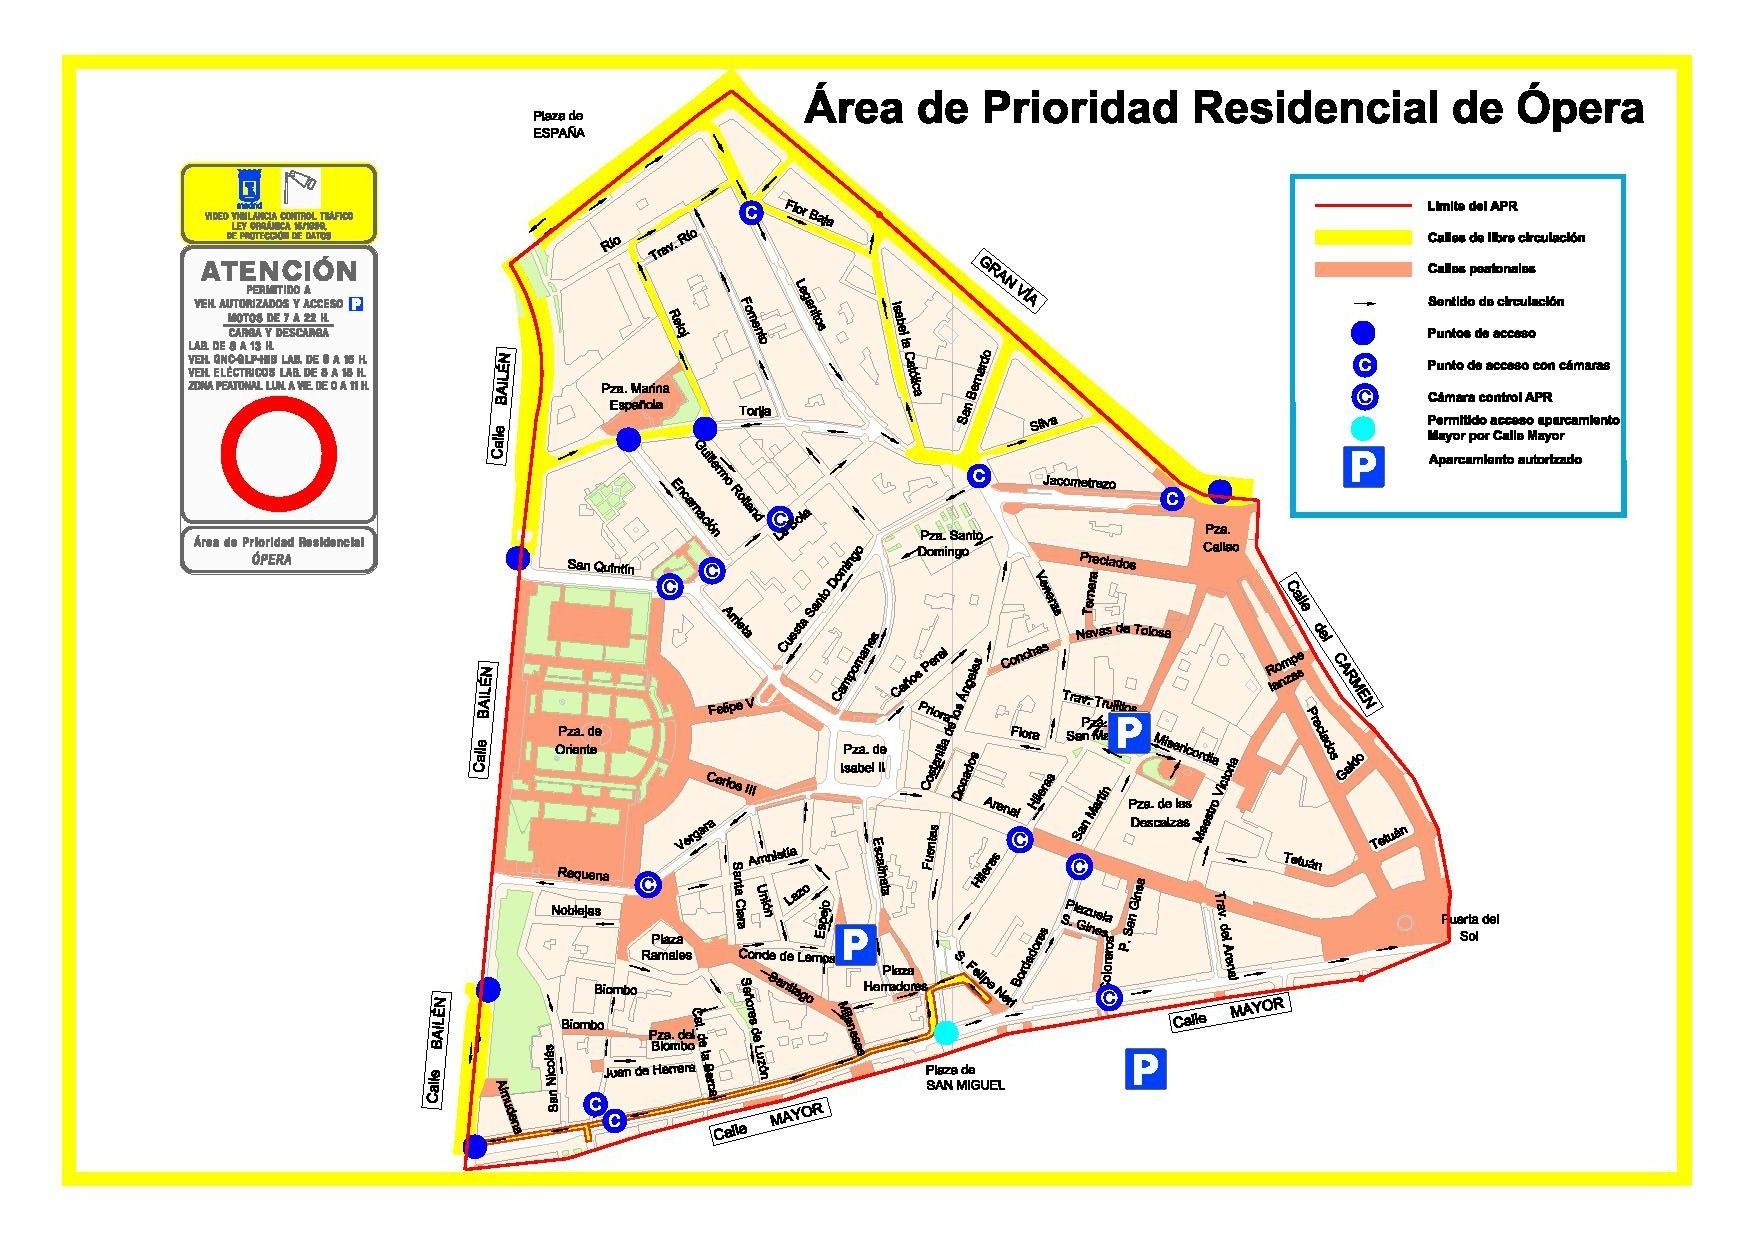 Área de prioridad residencial de Ópera (pincha para ampliar) | AYUNTAMIENTO DE MADRID